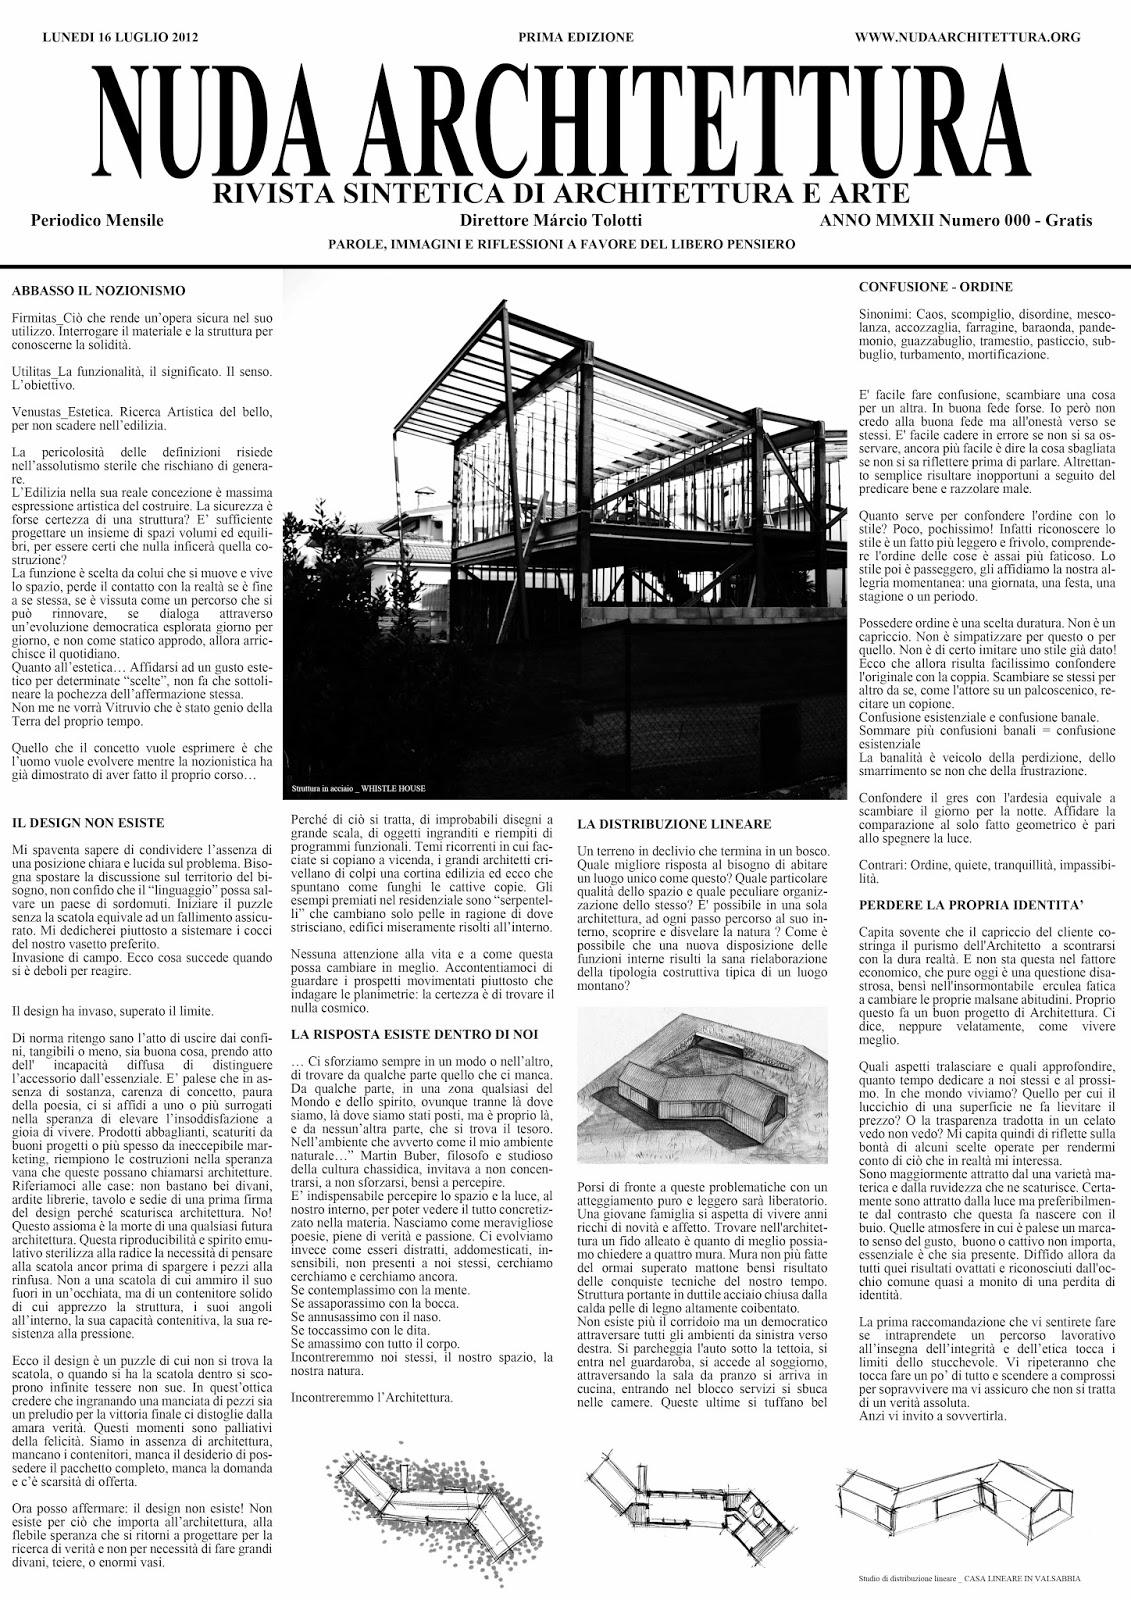 Nuda Architettura dell'Architetto Marcio Tolotti